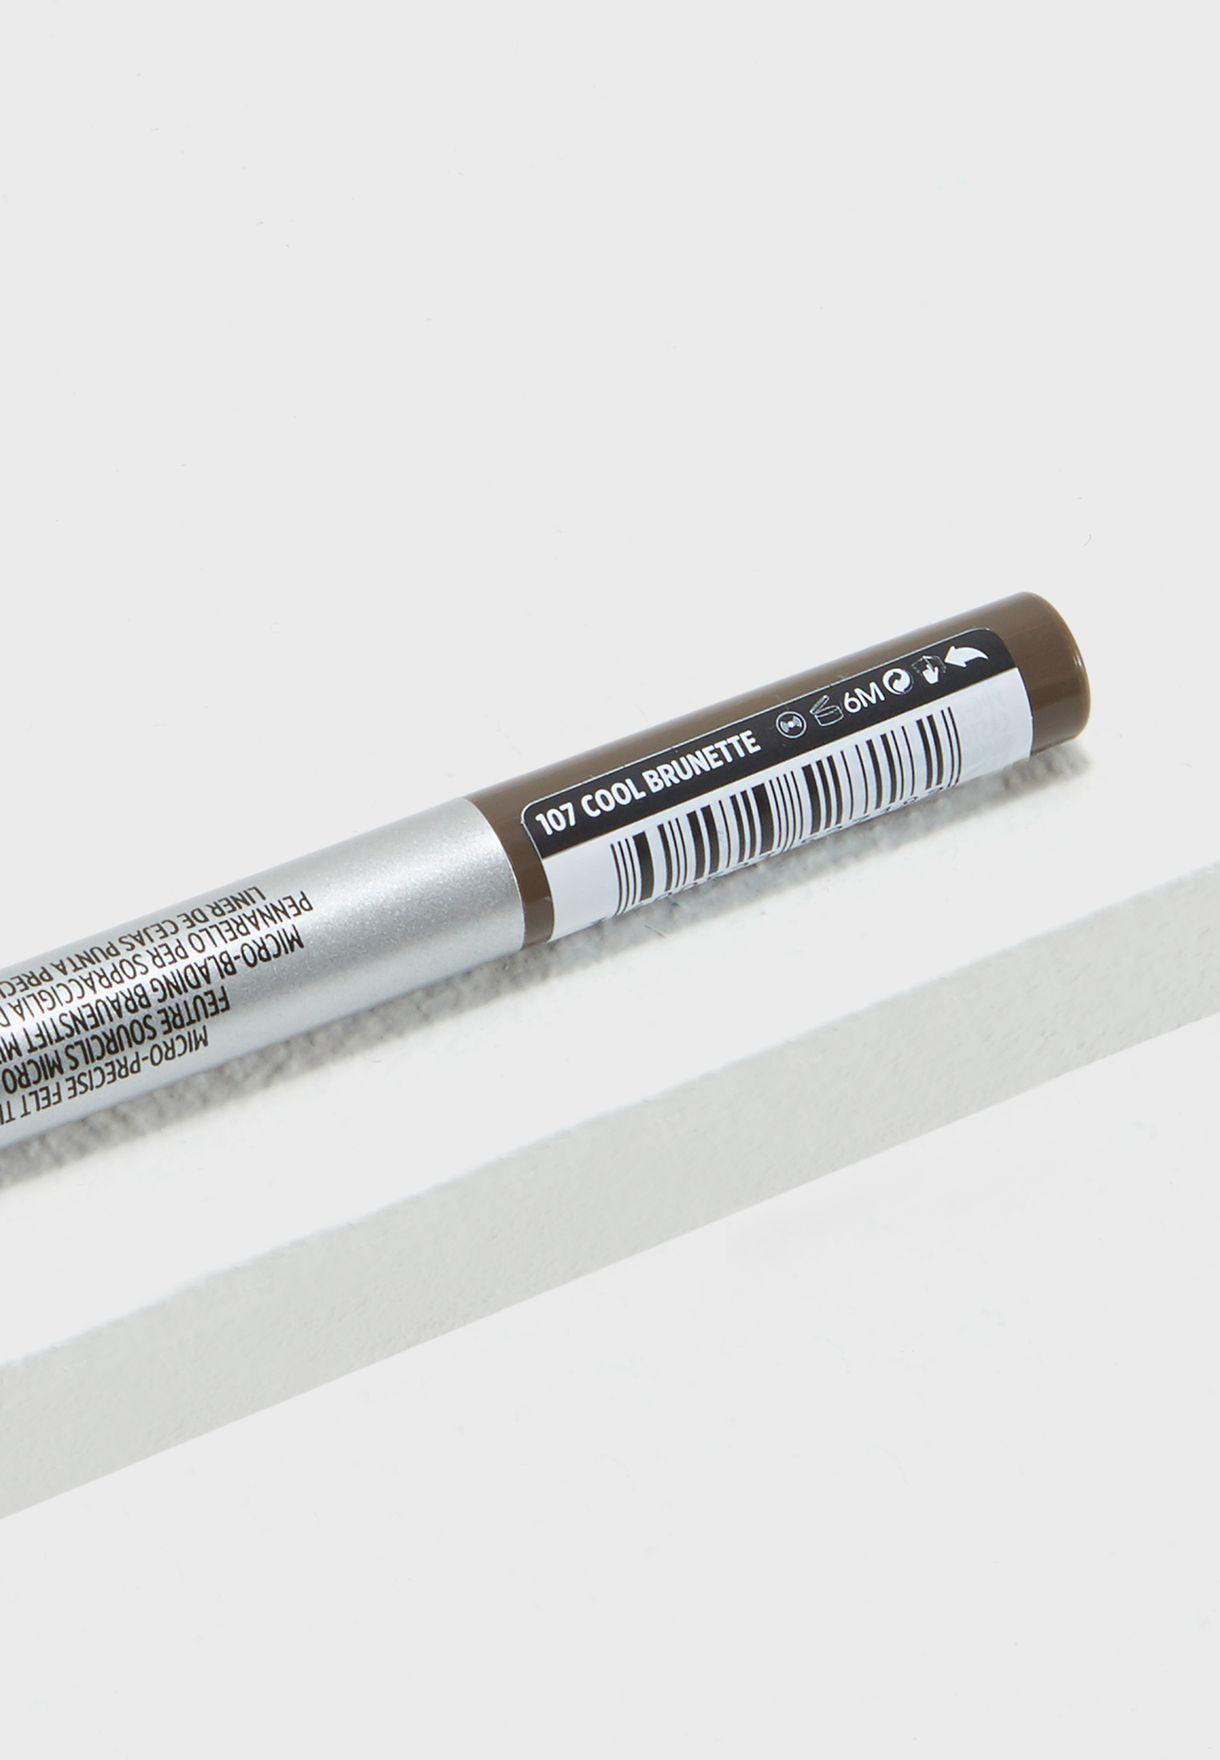 قلم حواجب برو ارتيست ميكرو تاتو 107